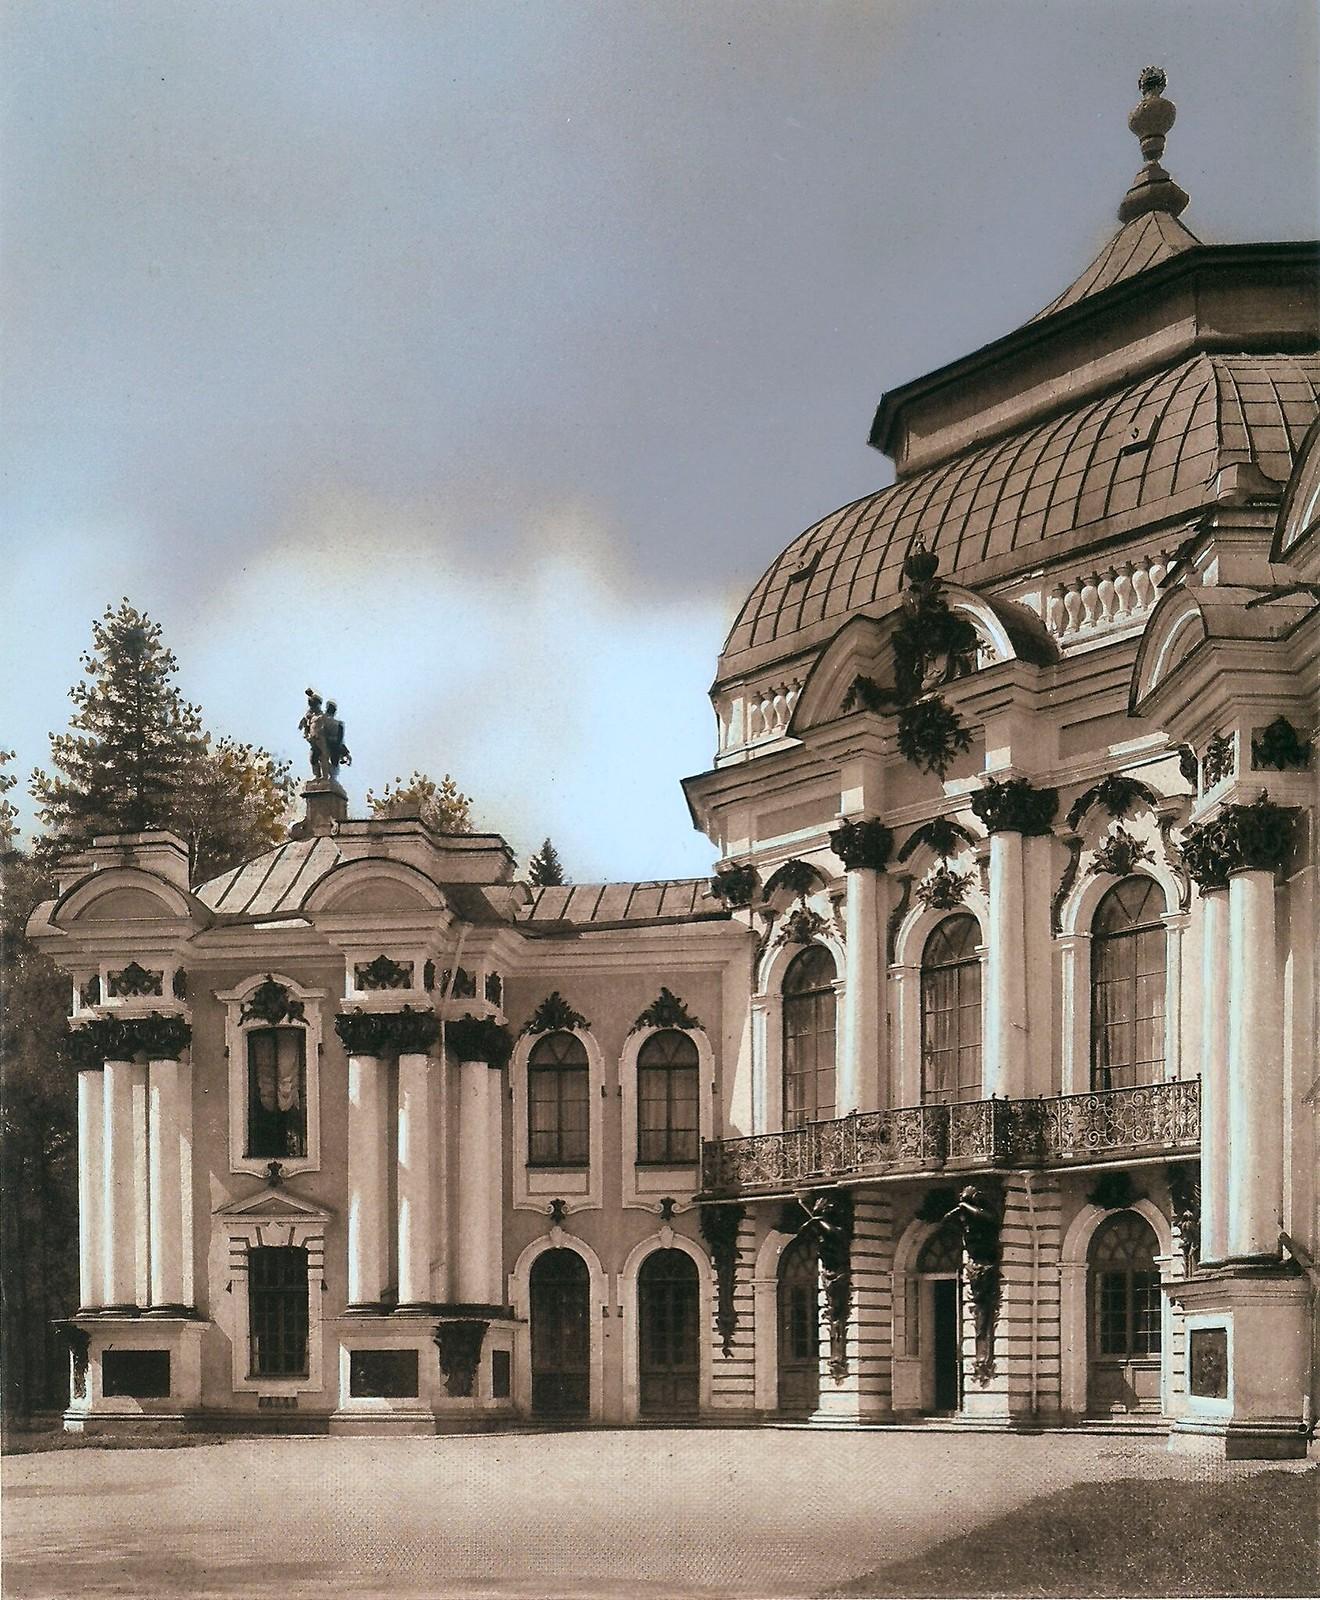 23. Вид на Эрмитаж, построенный итальянским архитектором Растрелли, в Царском Селе